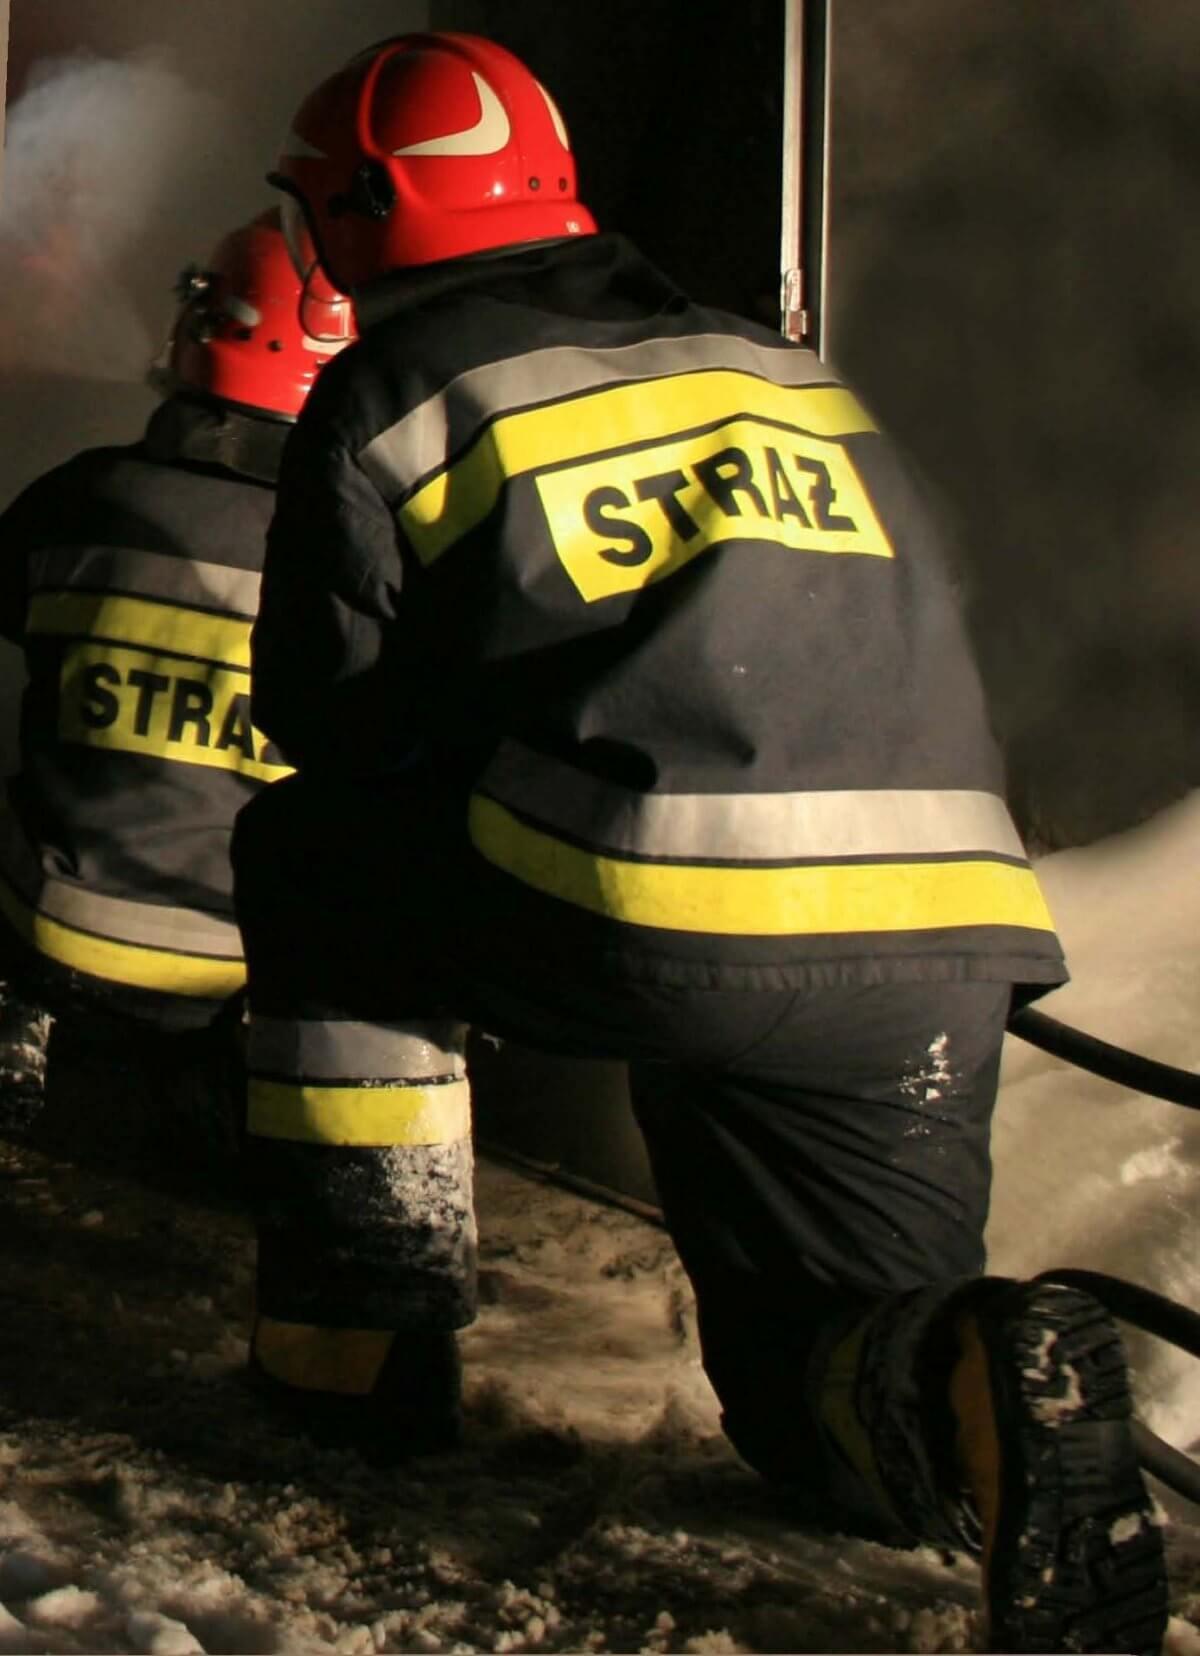 Strażak podczas akcji klęczący tyłem na prawej nodze, w czerwonym hełmie na głowie, w czarnym mundurze z napisem na plecach straż, a w tle za nim drugi strażak